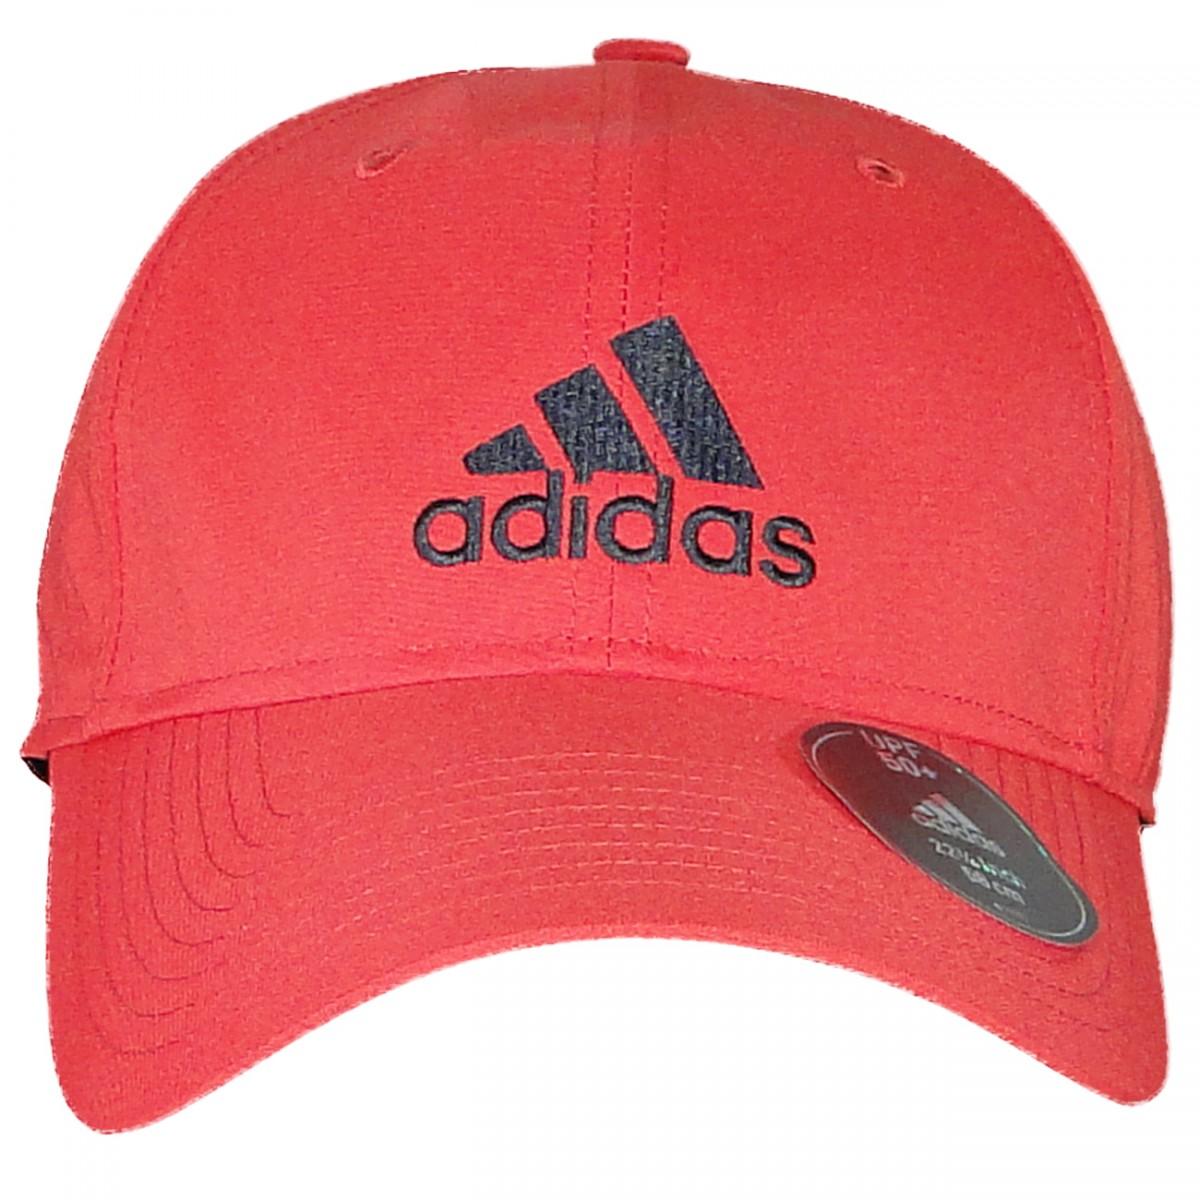 c908b429f6 Bone Adidas Perf Cap Logo AY4864 - Vermelho/Preto - Chuteira Nike, Adidas.  Sandalias Femininas. Sandy Calçados